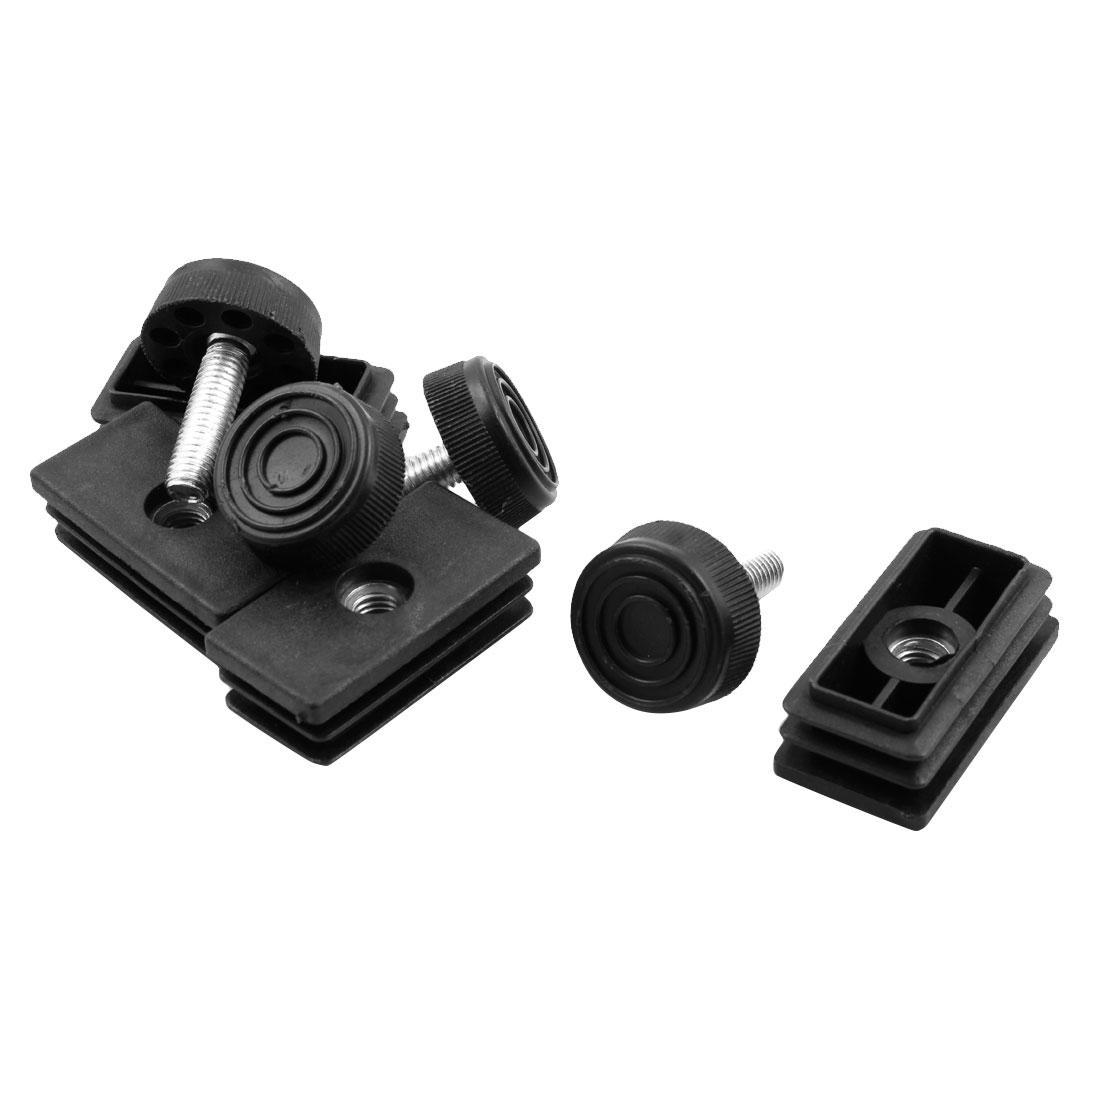 Home Metal Sofa Desk Leg Leveling Adjuster Tube Insert Black 25 x 50mm 4 Sets